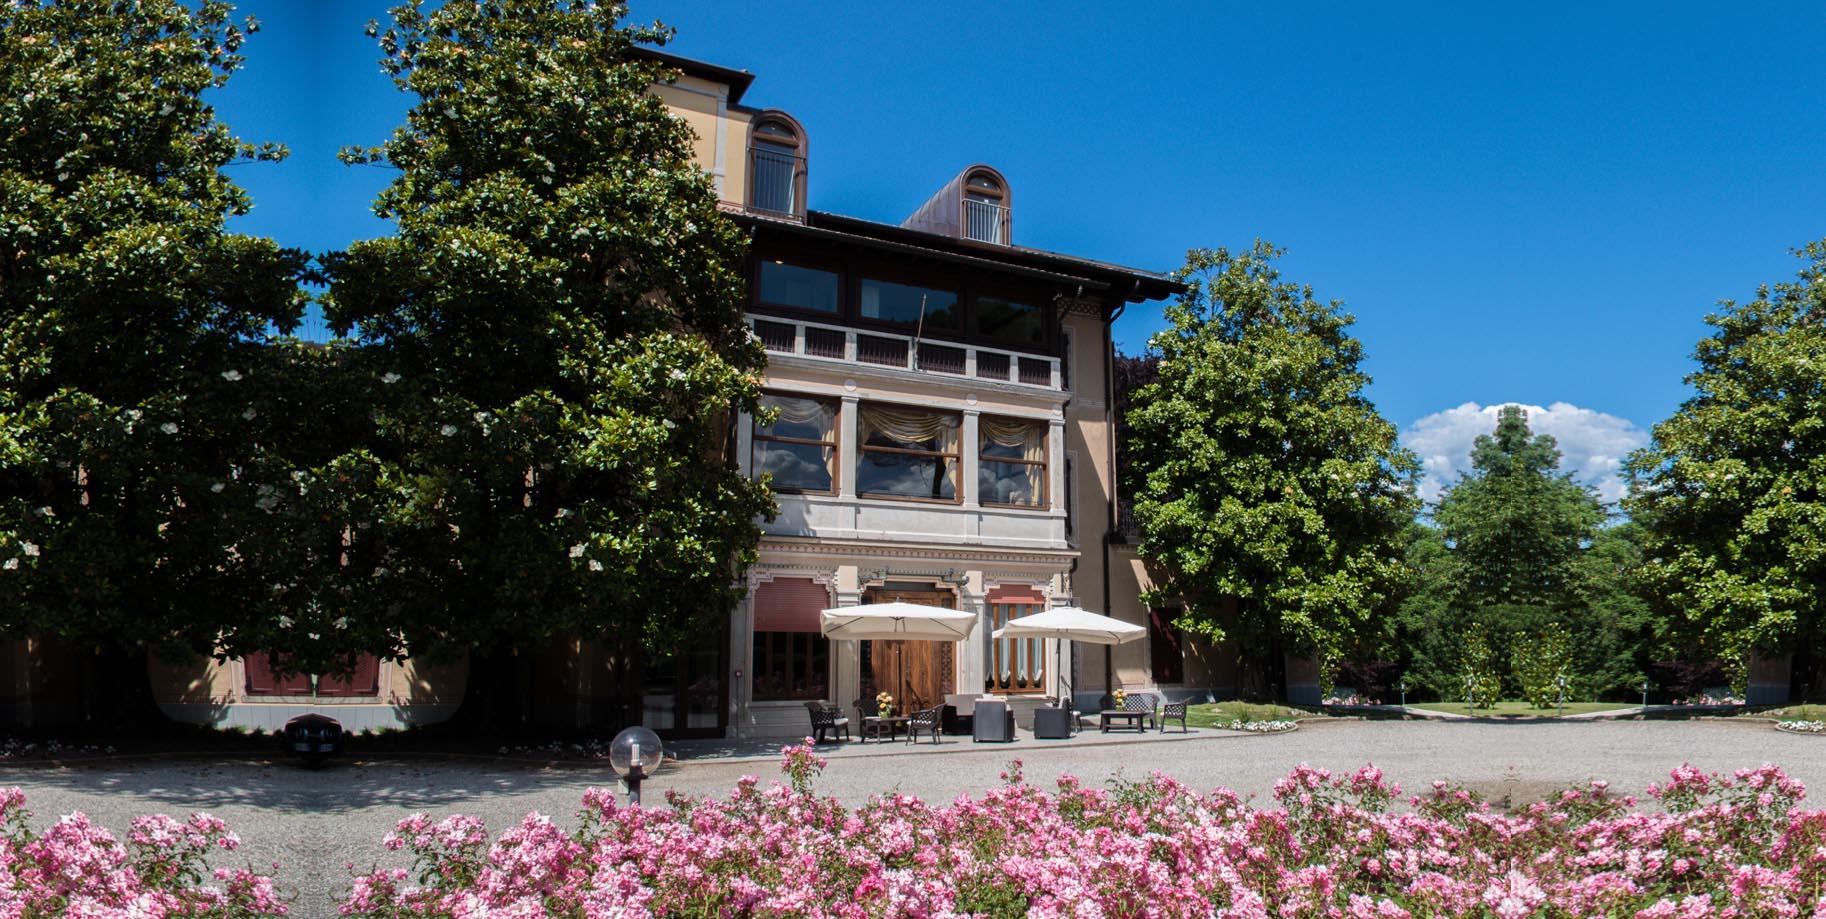 case di riposo a Milano in Lombardia